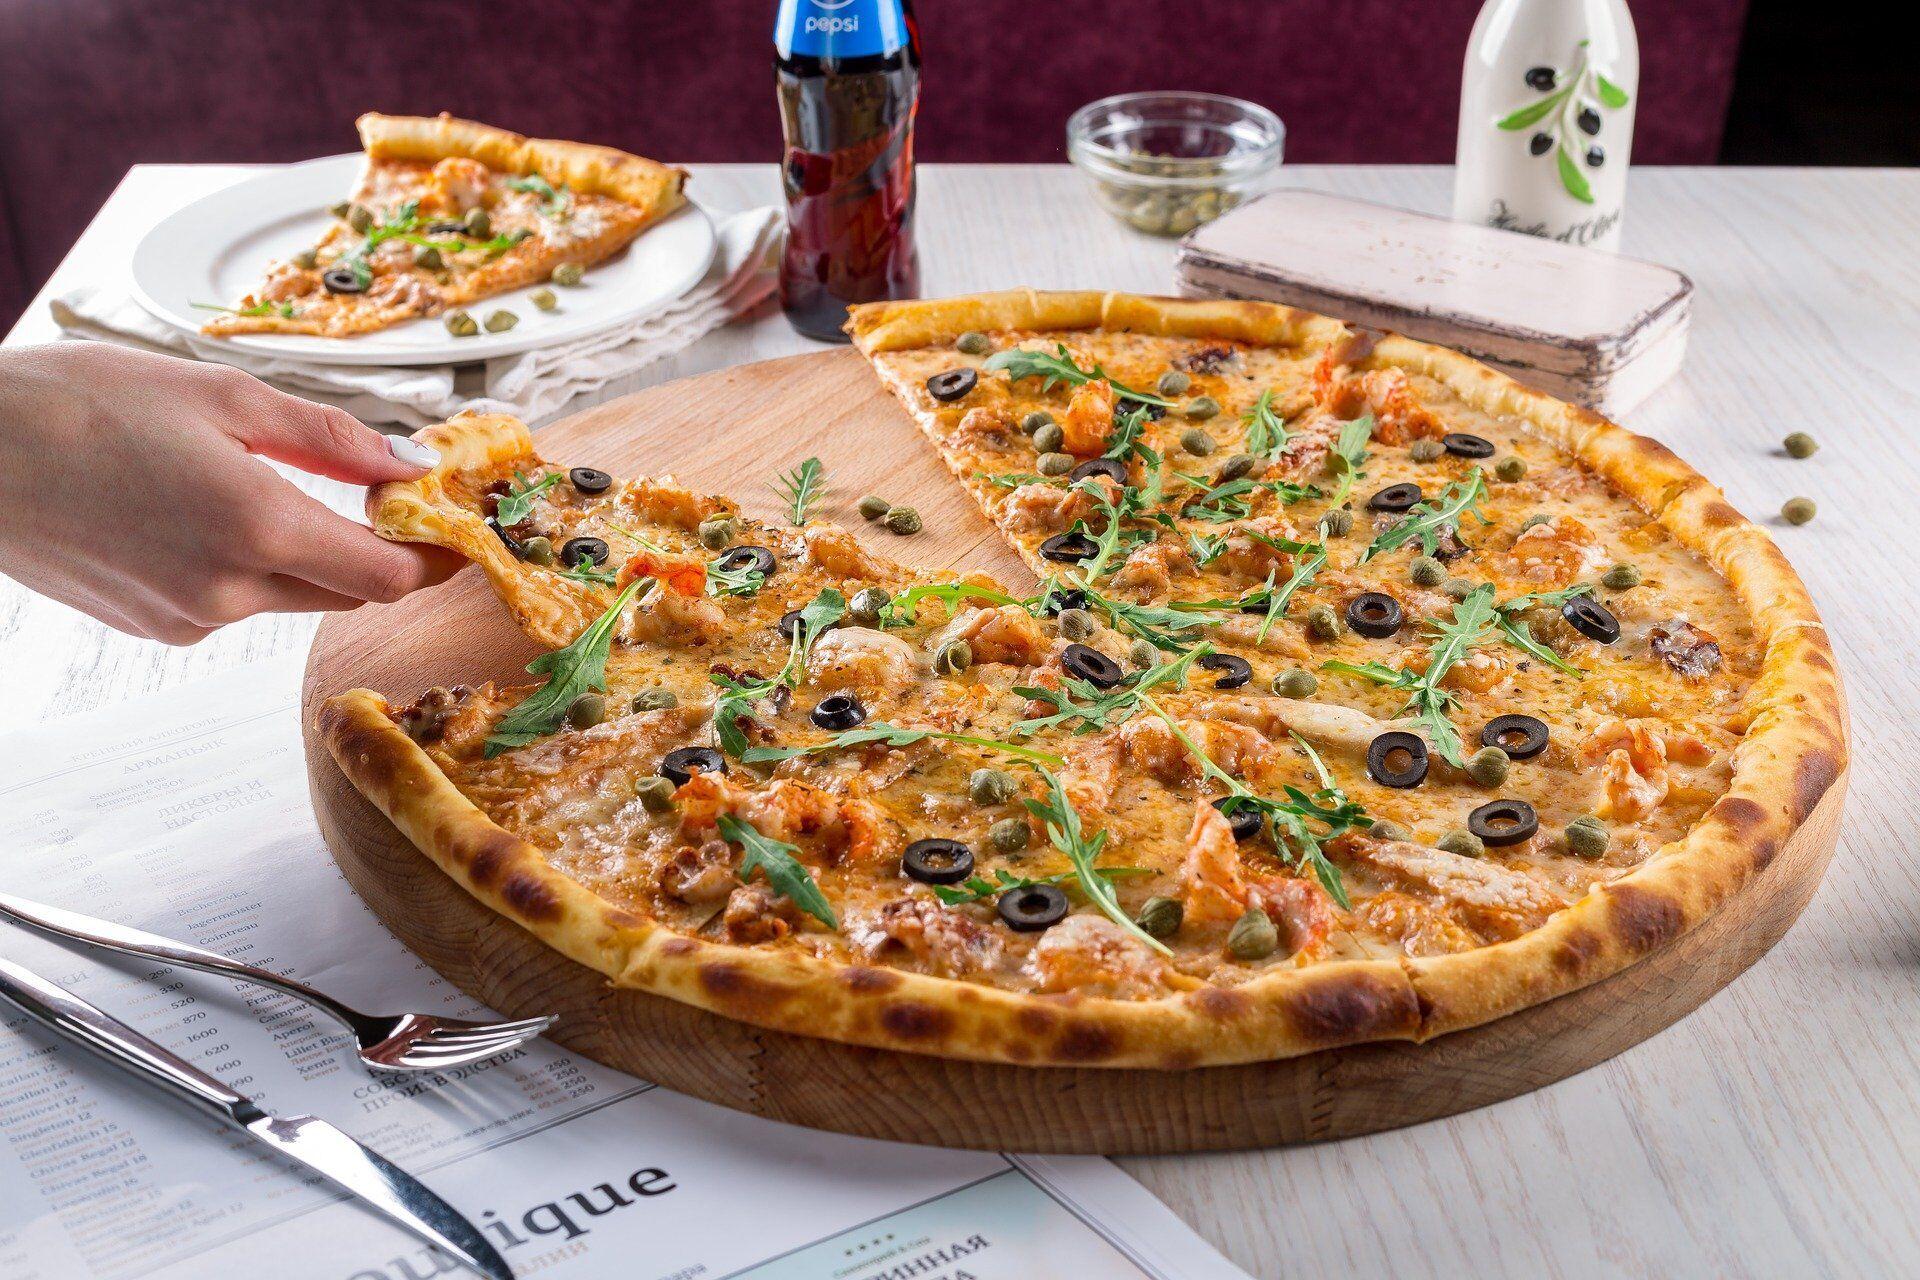 Для вкусного приготовления настоящей пиццы следует использовать печь